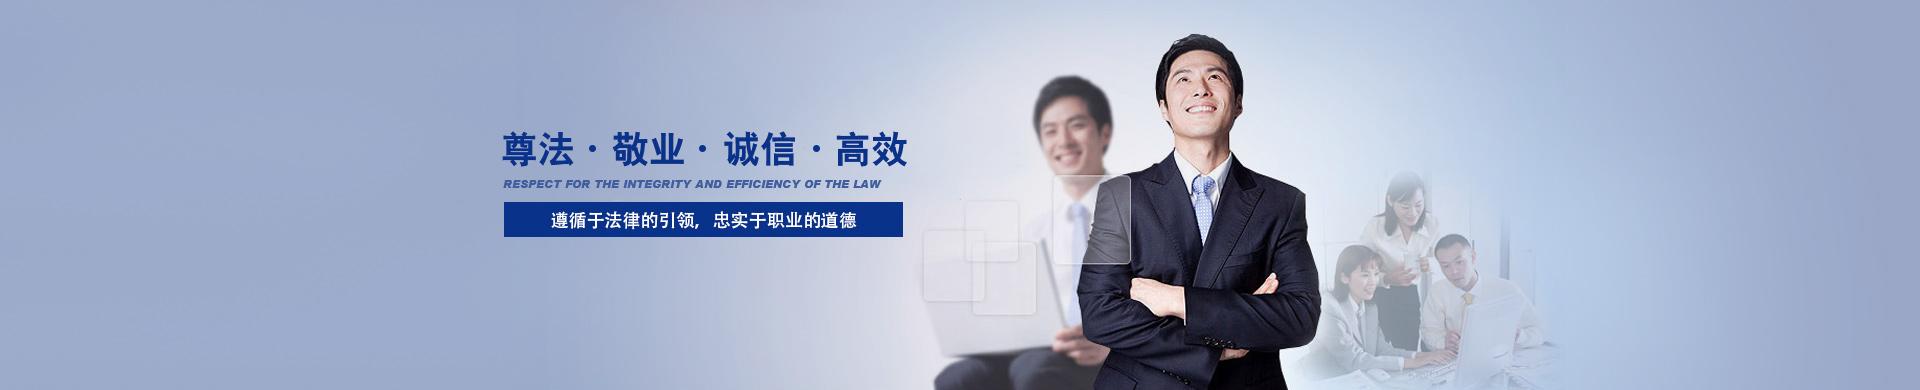 找合同律师,深圳合同律师,深圳合同纠纷律师,就选深圳合同律师网